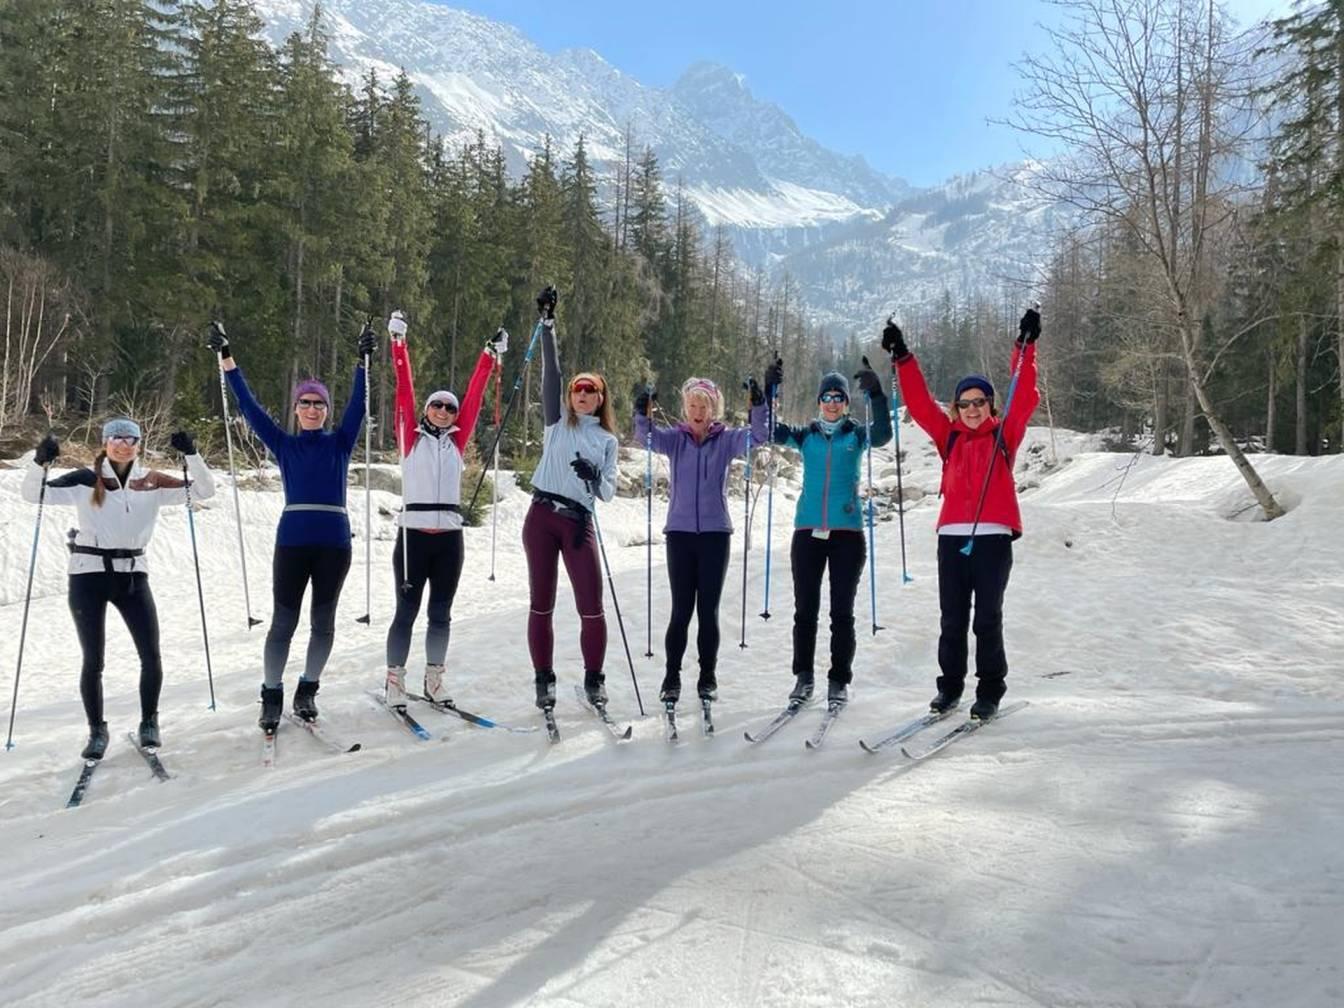 Beata Sadowska na nartach biegowych z grupą znajomych.